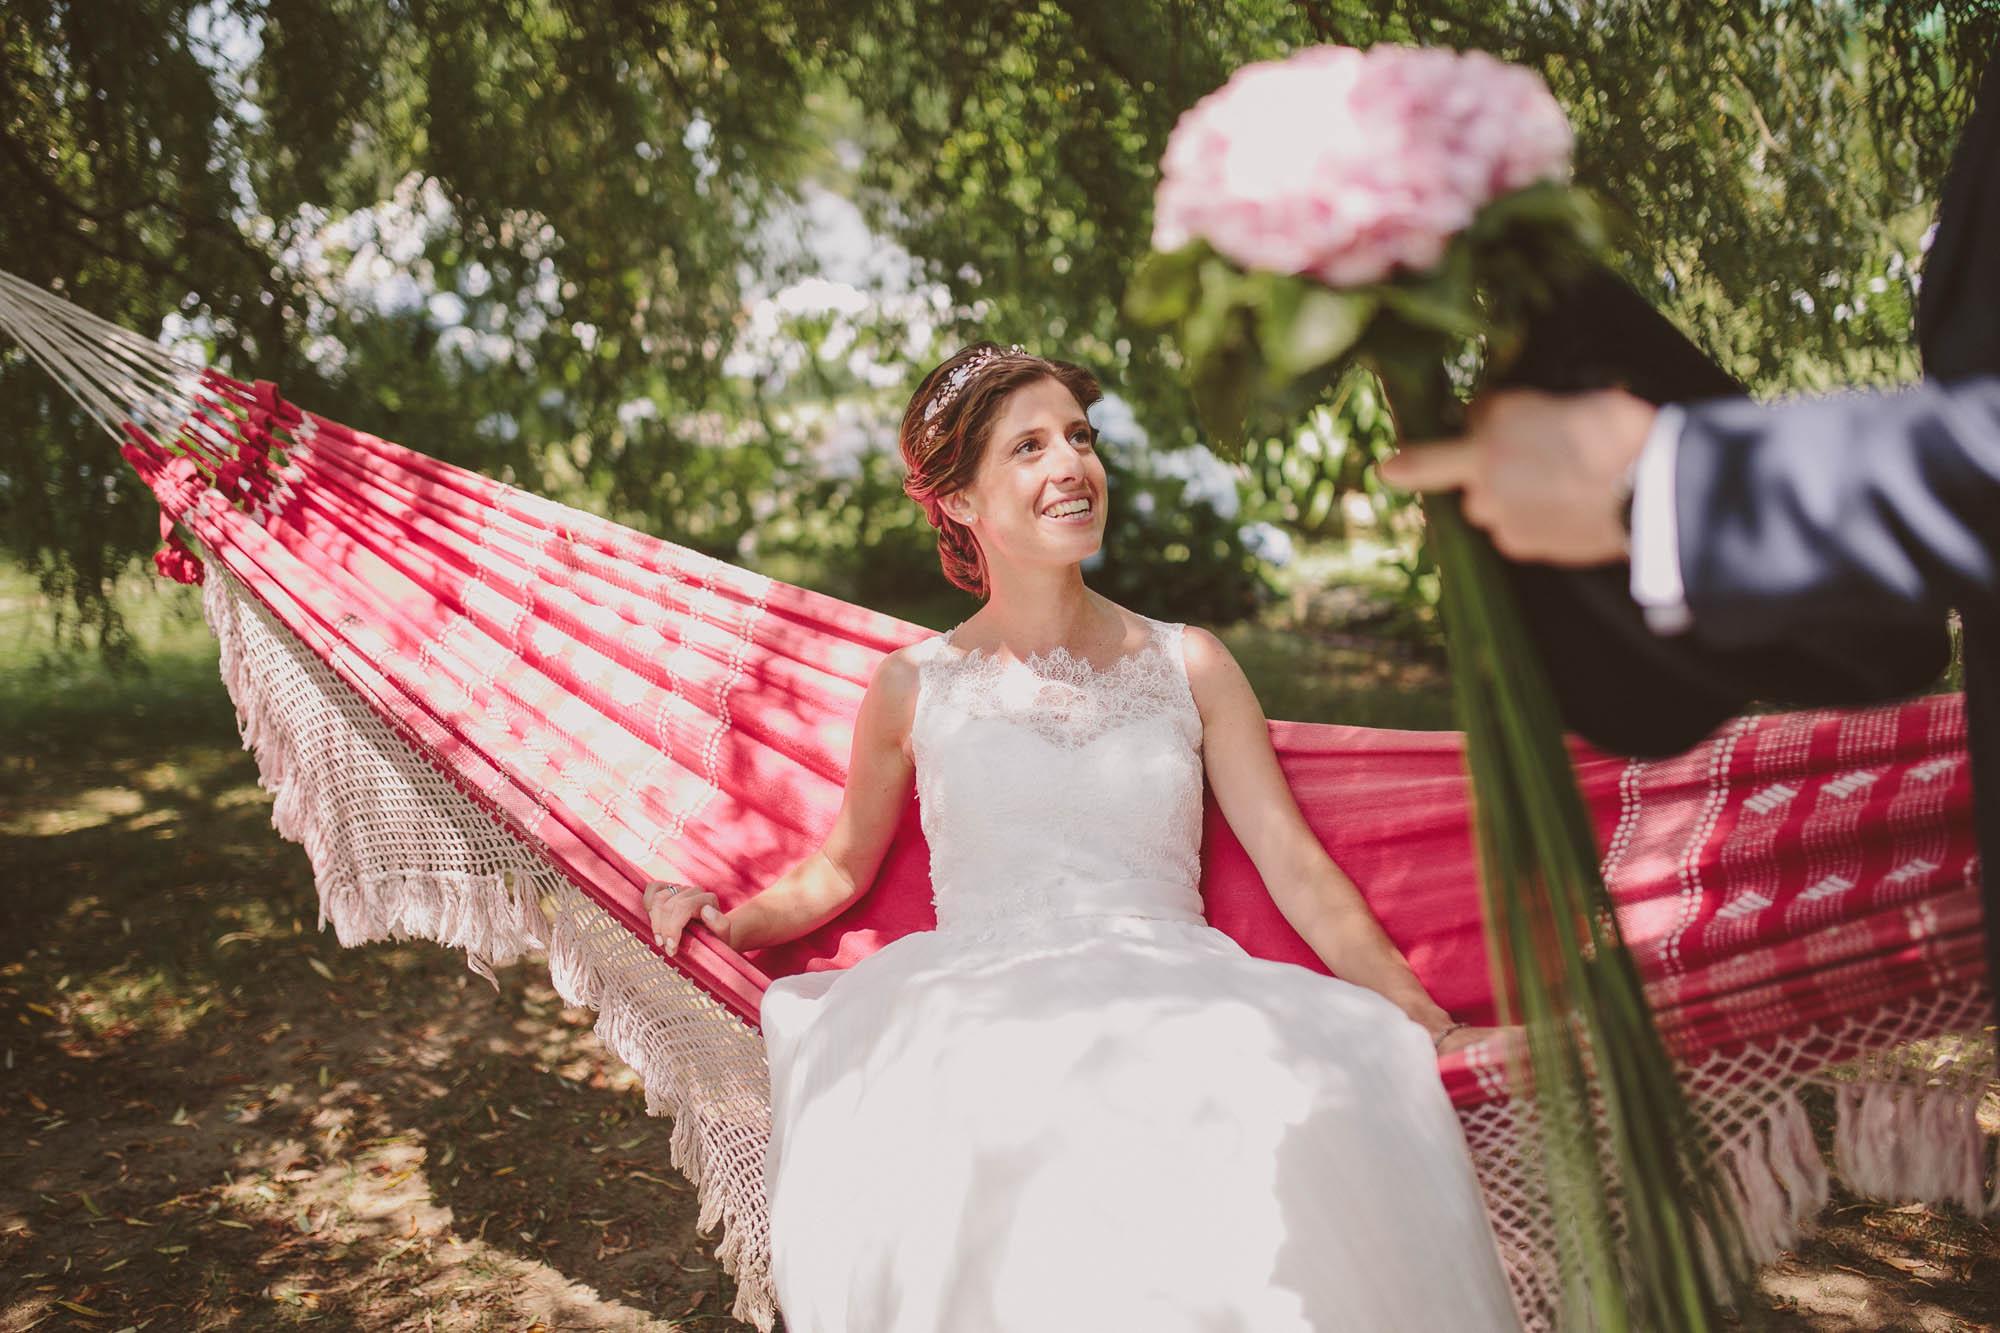 La novia sentada en la hamaca  mira sonriente al novio que sostiene su ramo